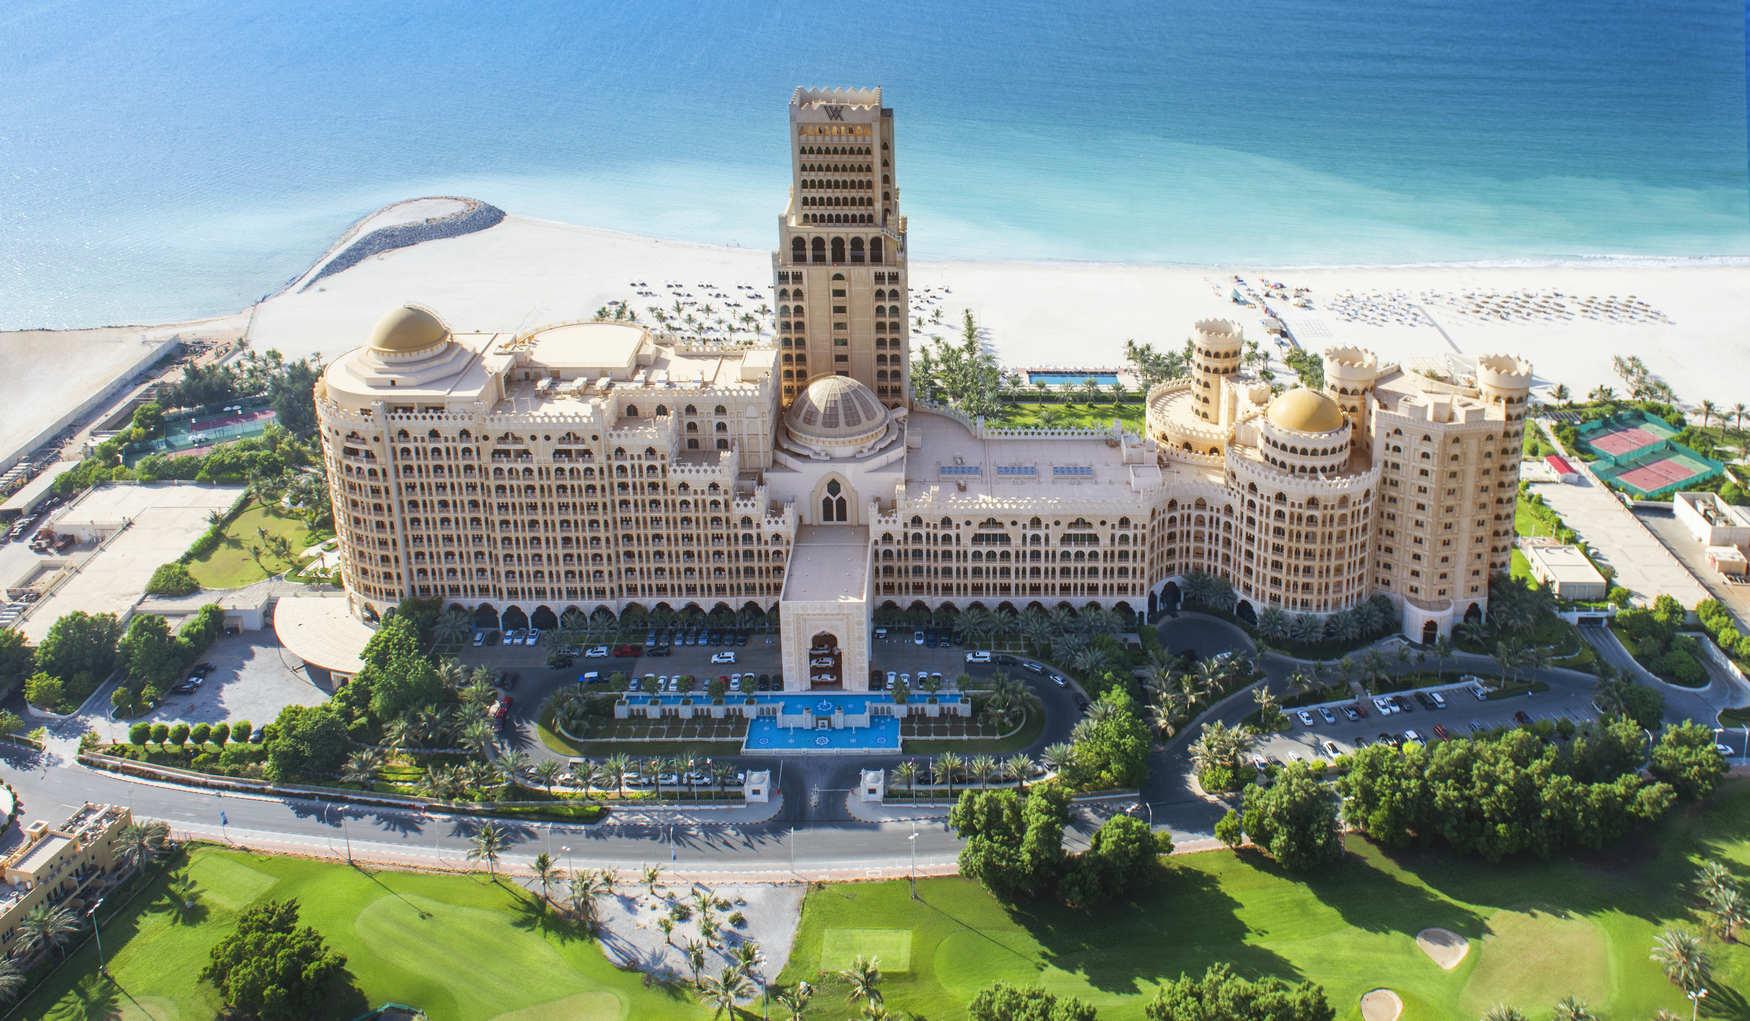 Чарівний курорт, оточений пустелями, горами і морем, що робить його справжнім оазисом для яскравого відпочинку.